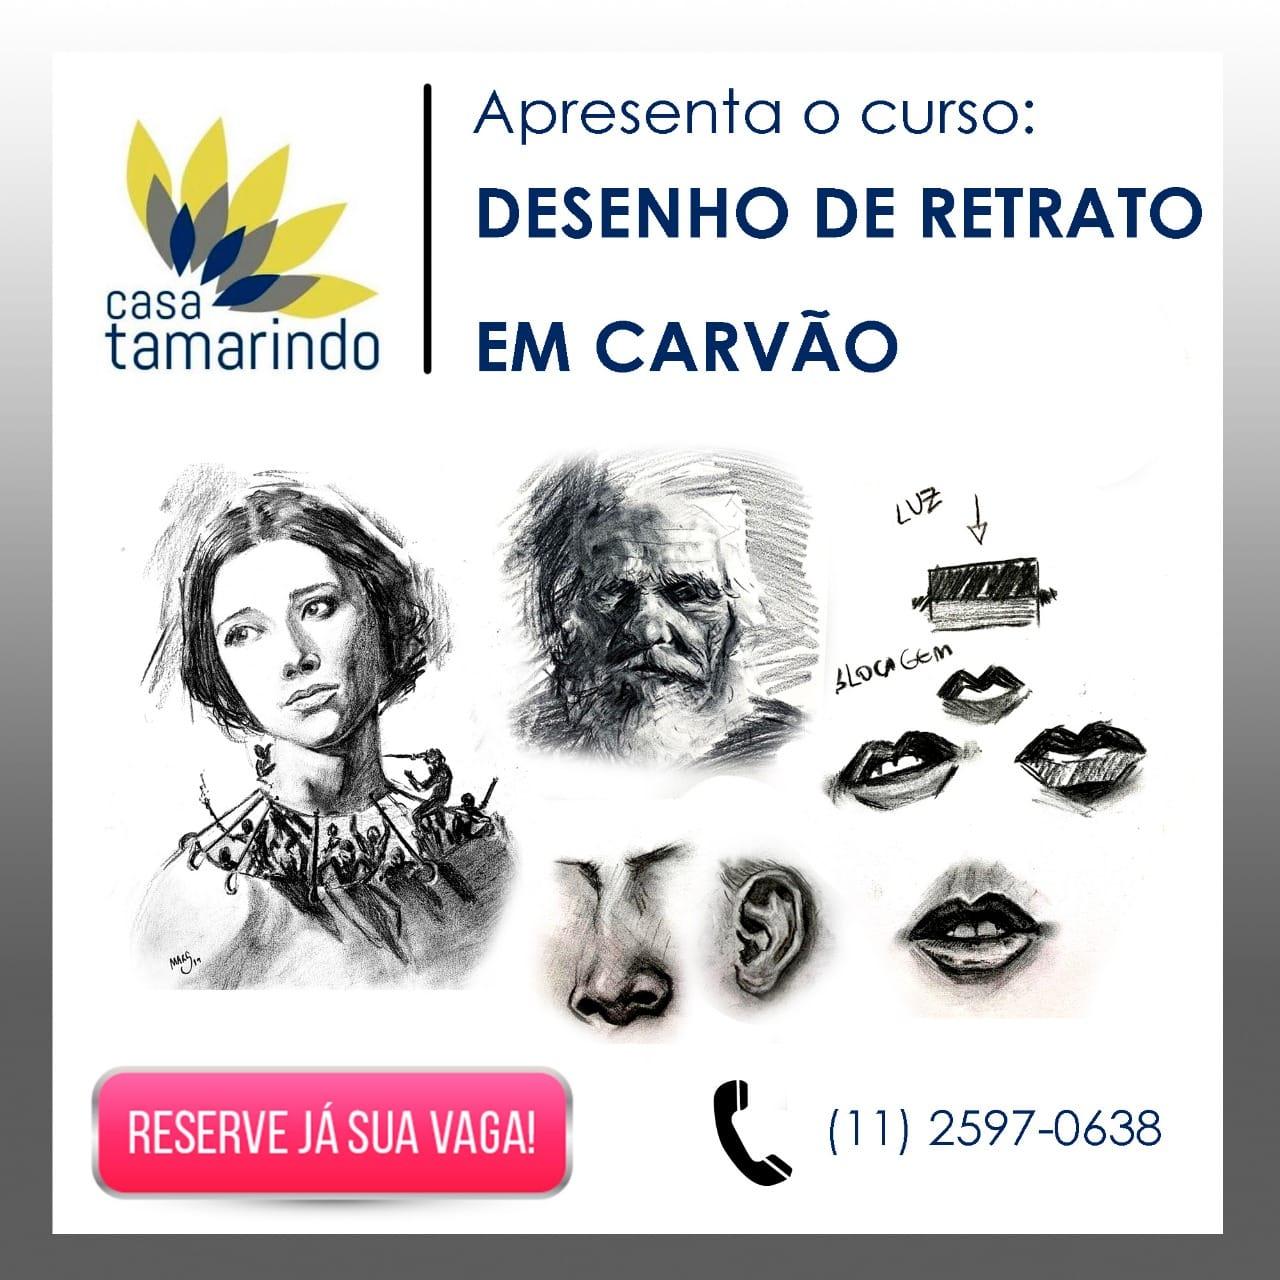 A Casa Tamarindo de Arte e Cultura promove aulas de Desenho de Retrato em Carvão com Marcelo H Santana 6